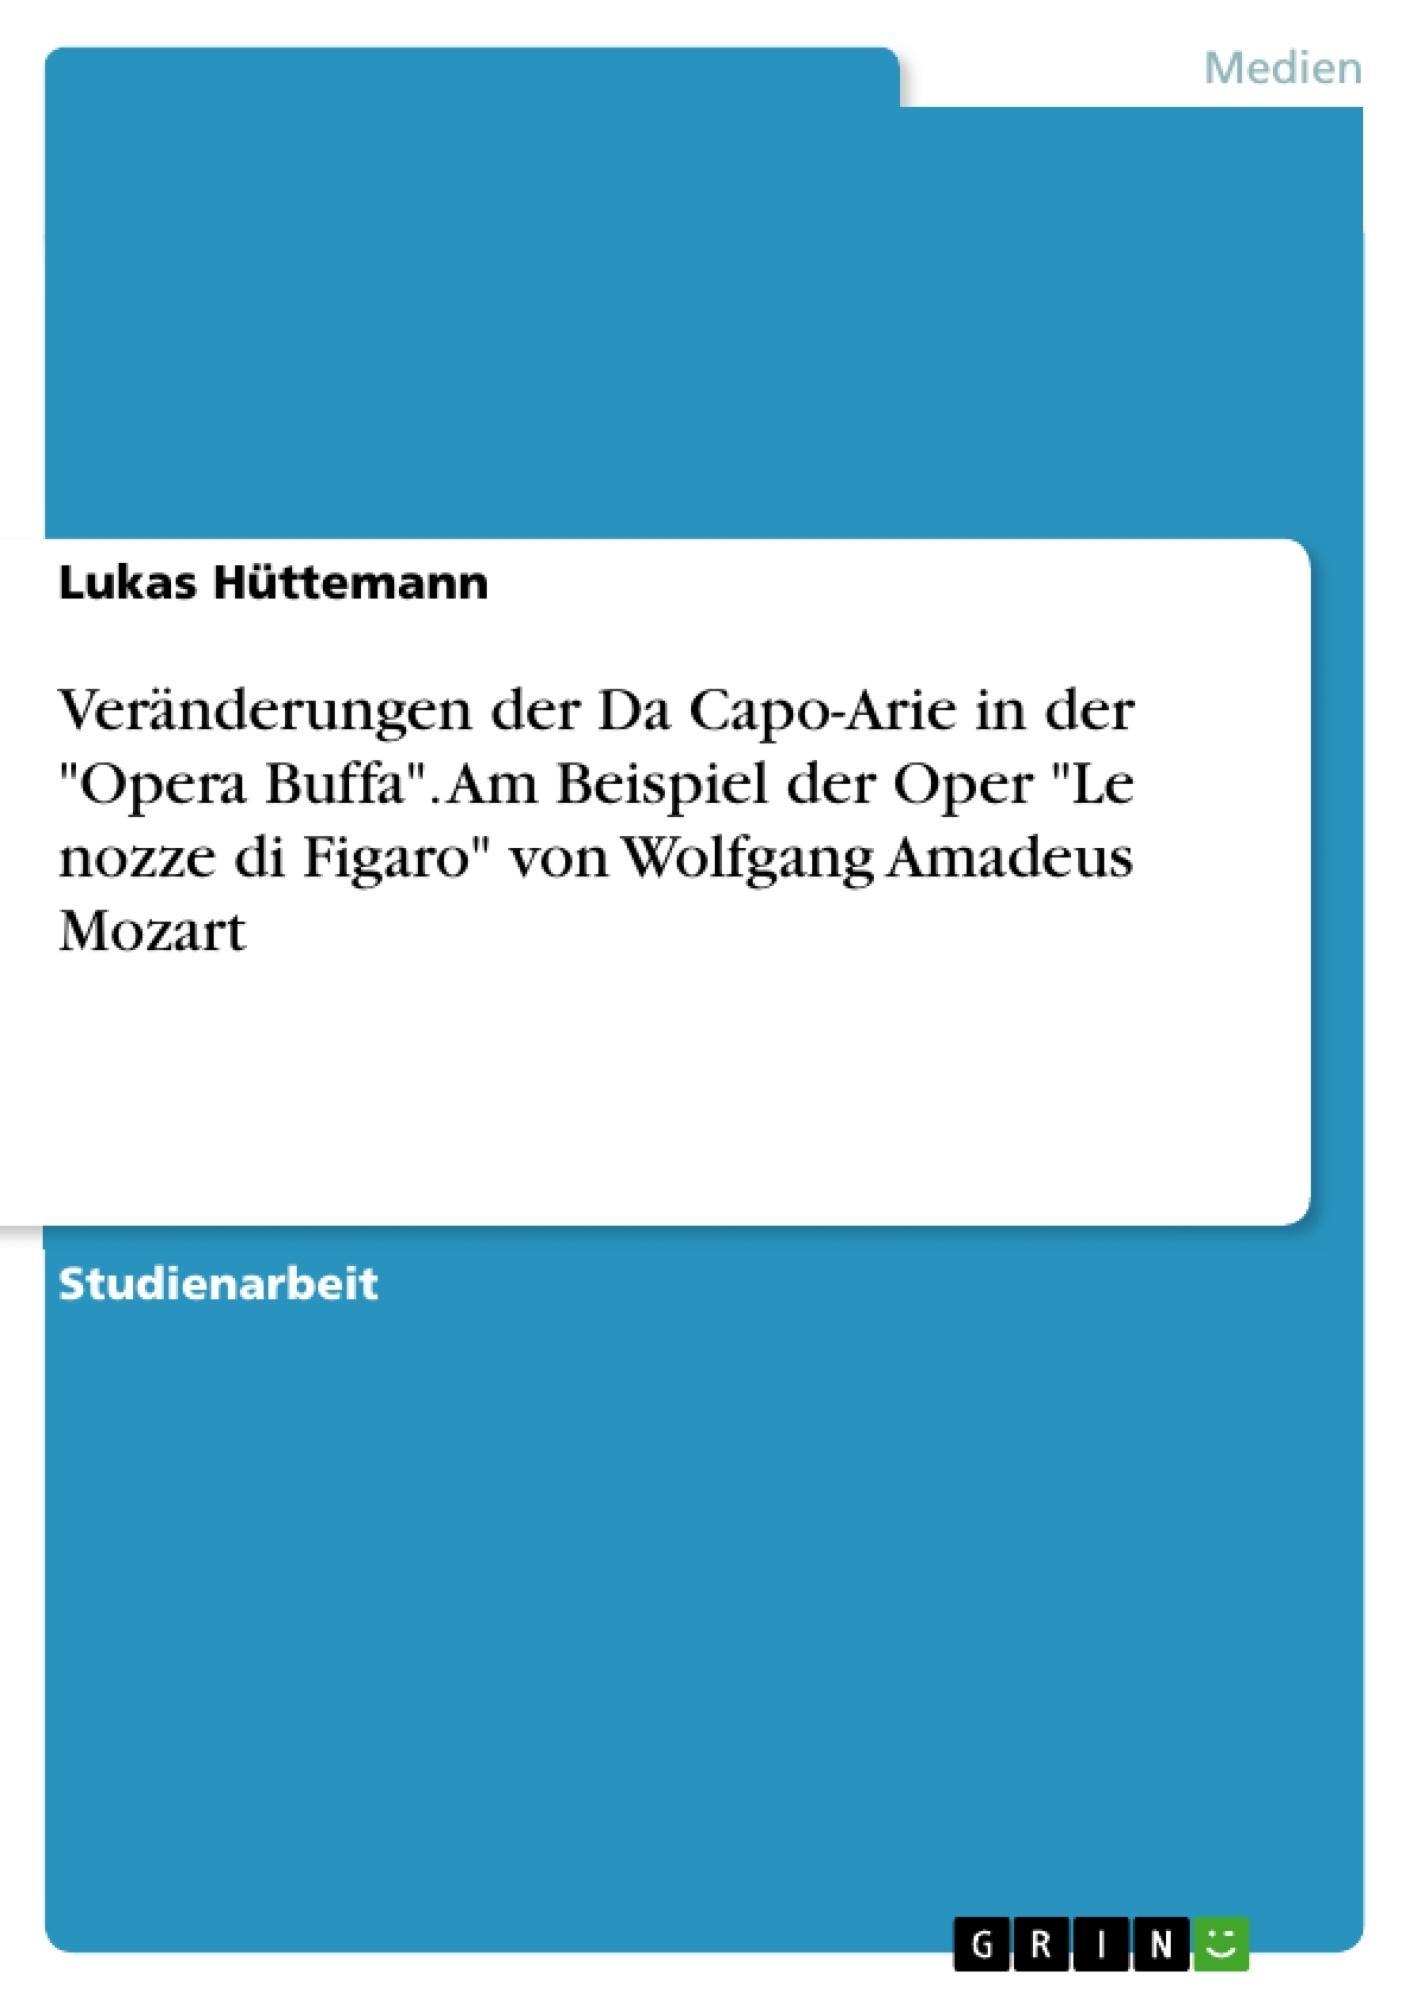 """Titel: Veränderungen der Da Capo-Arie in der """"Opera Buffa"""". Am Beispiel der Oper  """"Le nozze di Figaro"""" von Wolfgang Amadeus Mozart"""